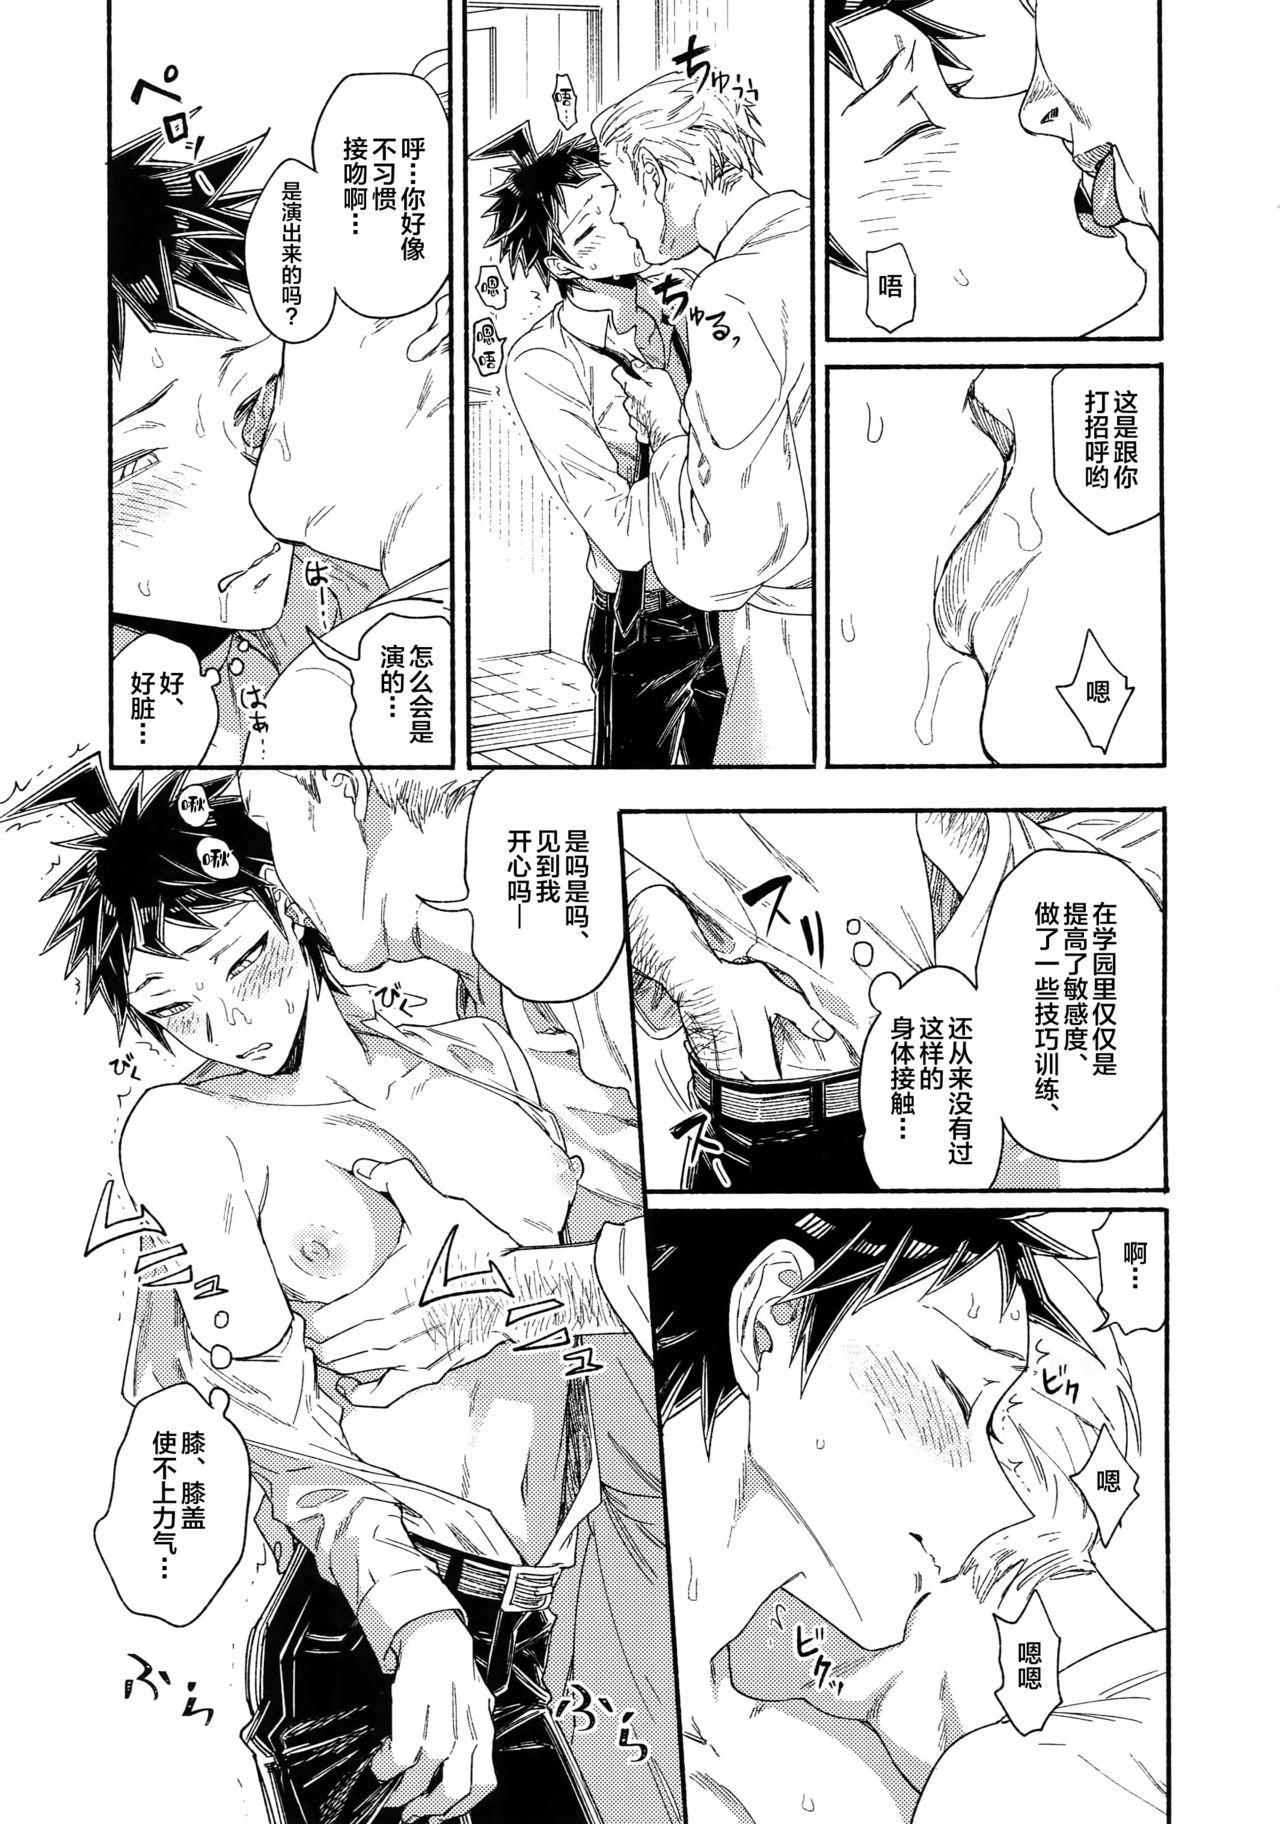 Aisareru Yobi Gakka 6